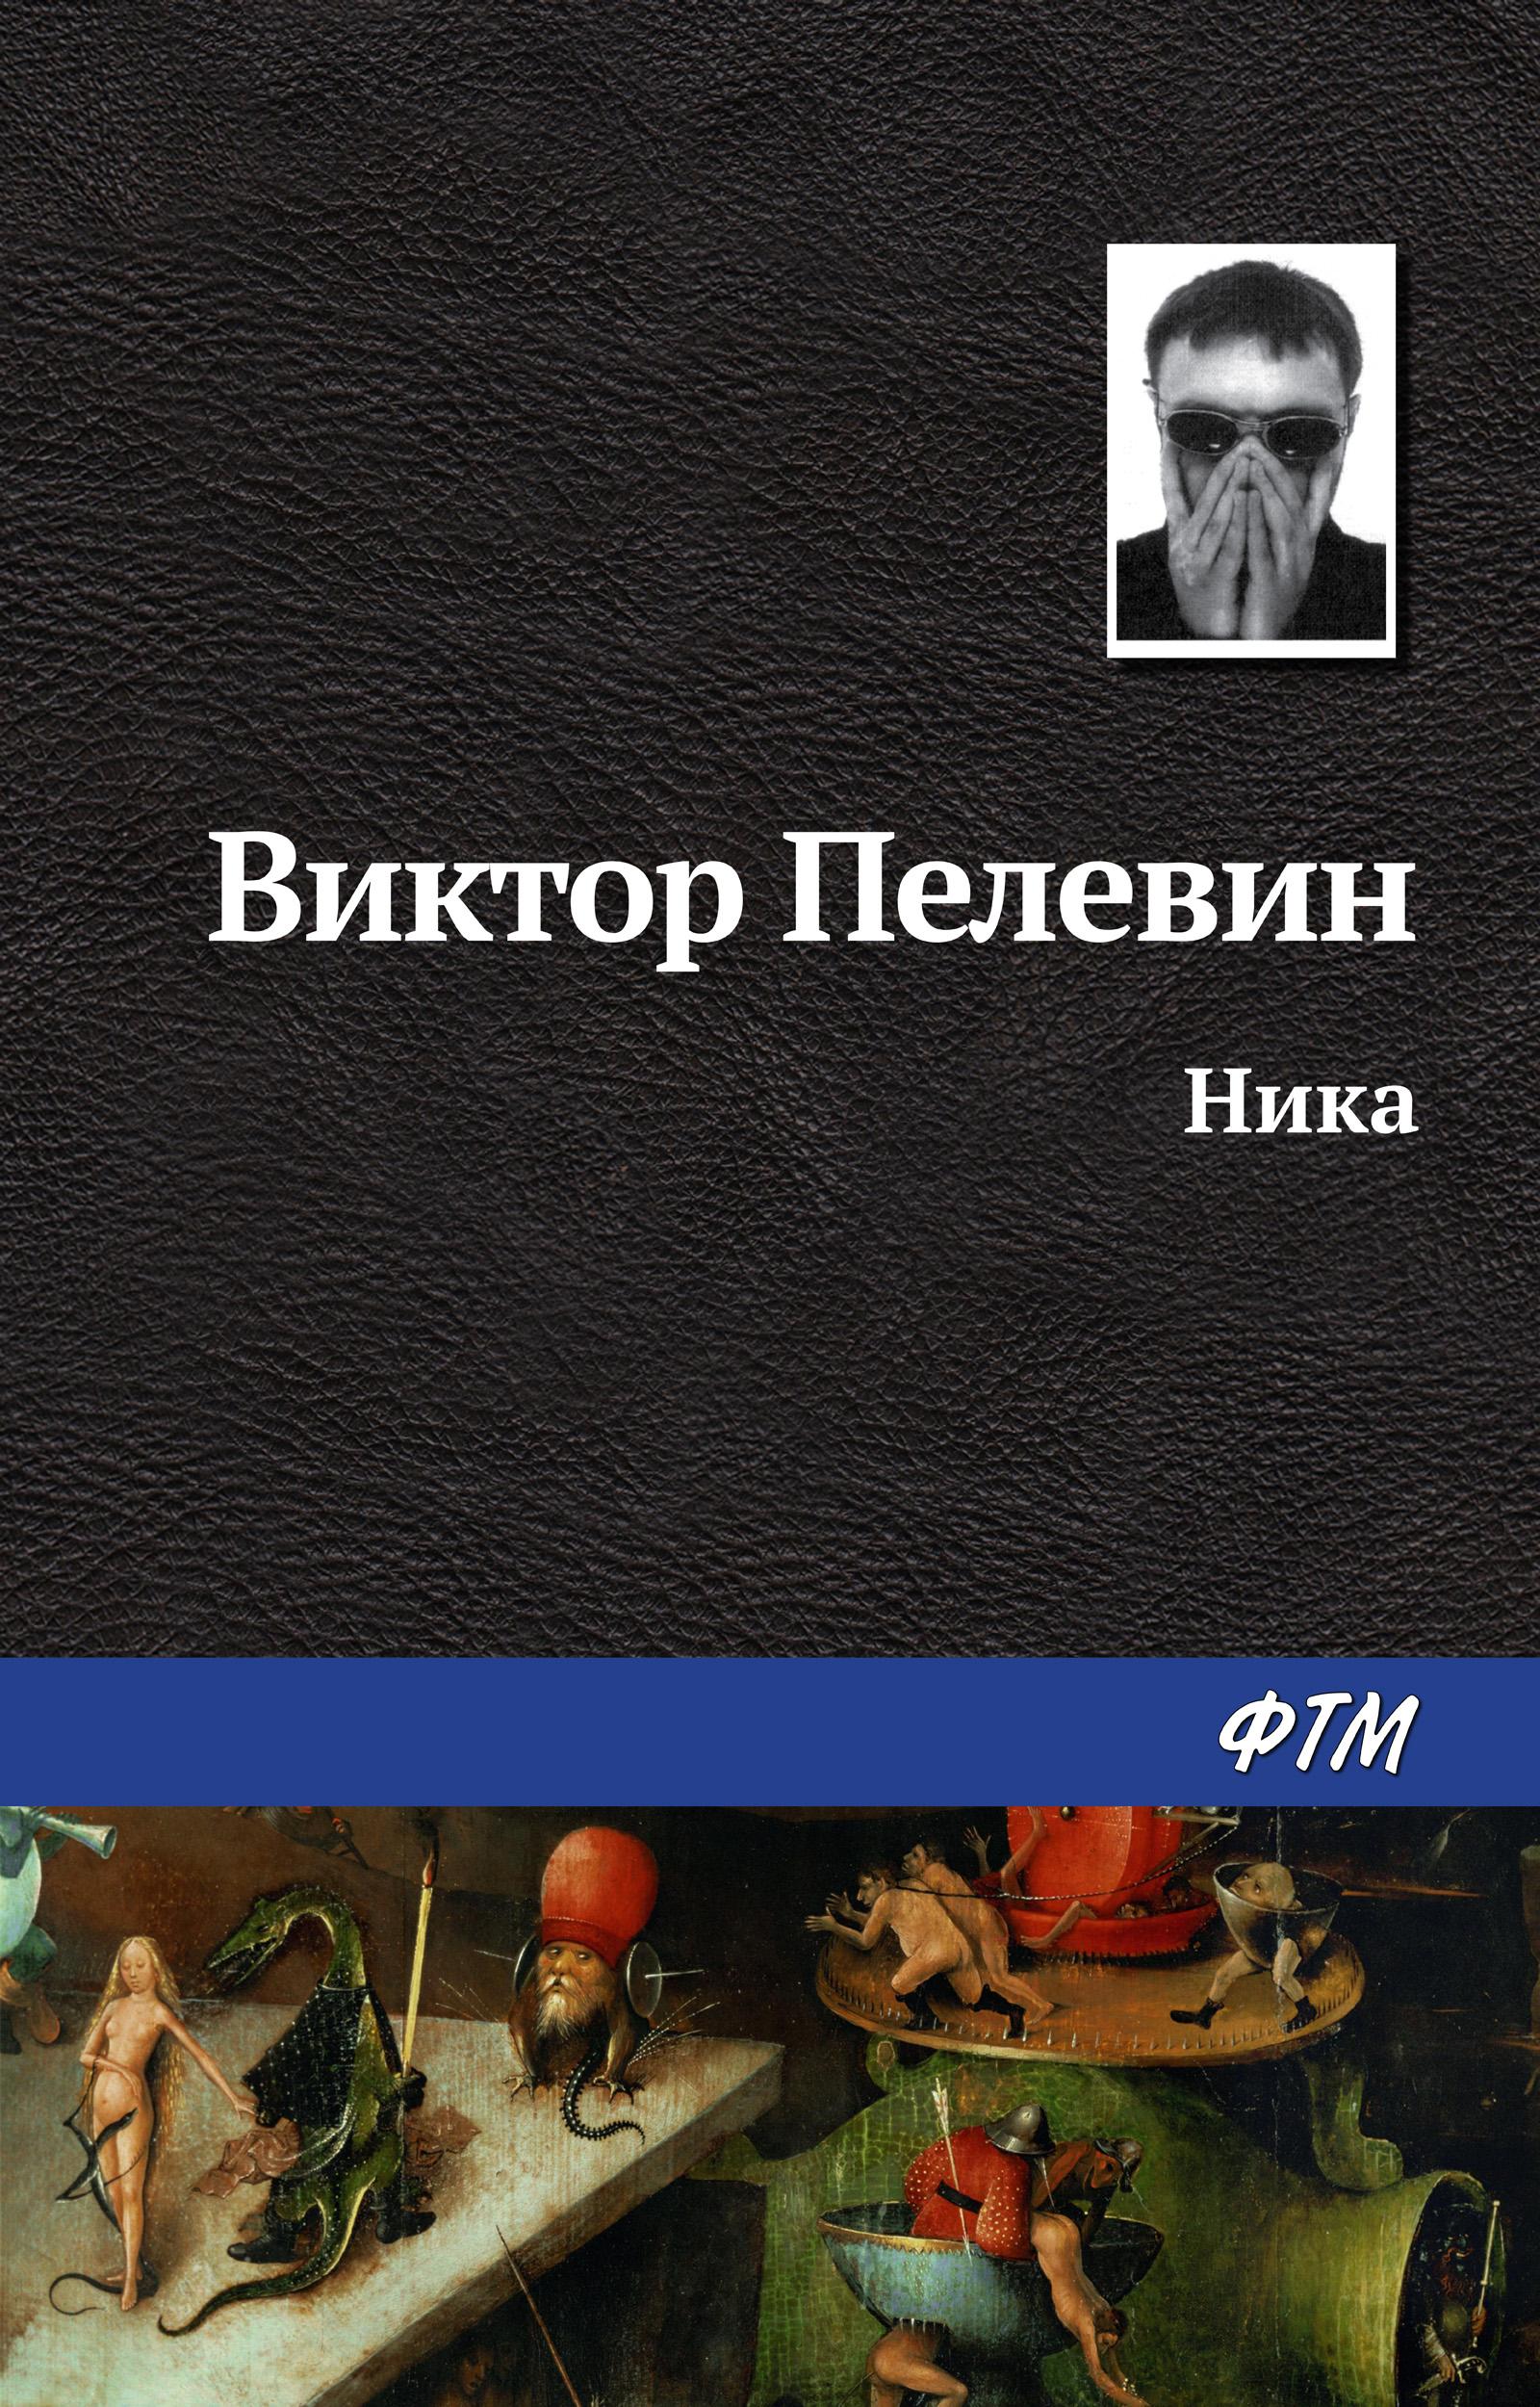 Виктор Пелевин Ника виктор пелевин виктор пелевин истории и рассказы